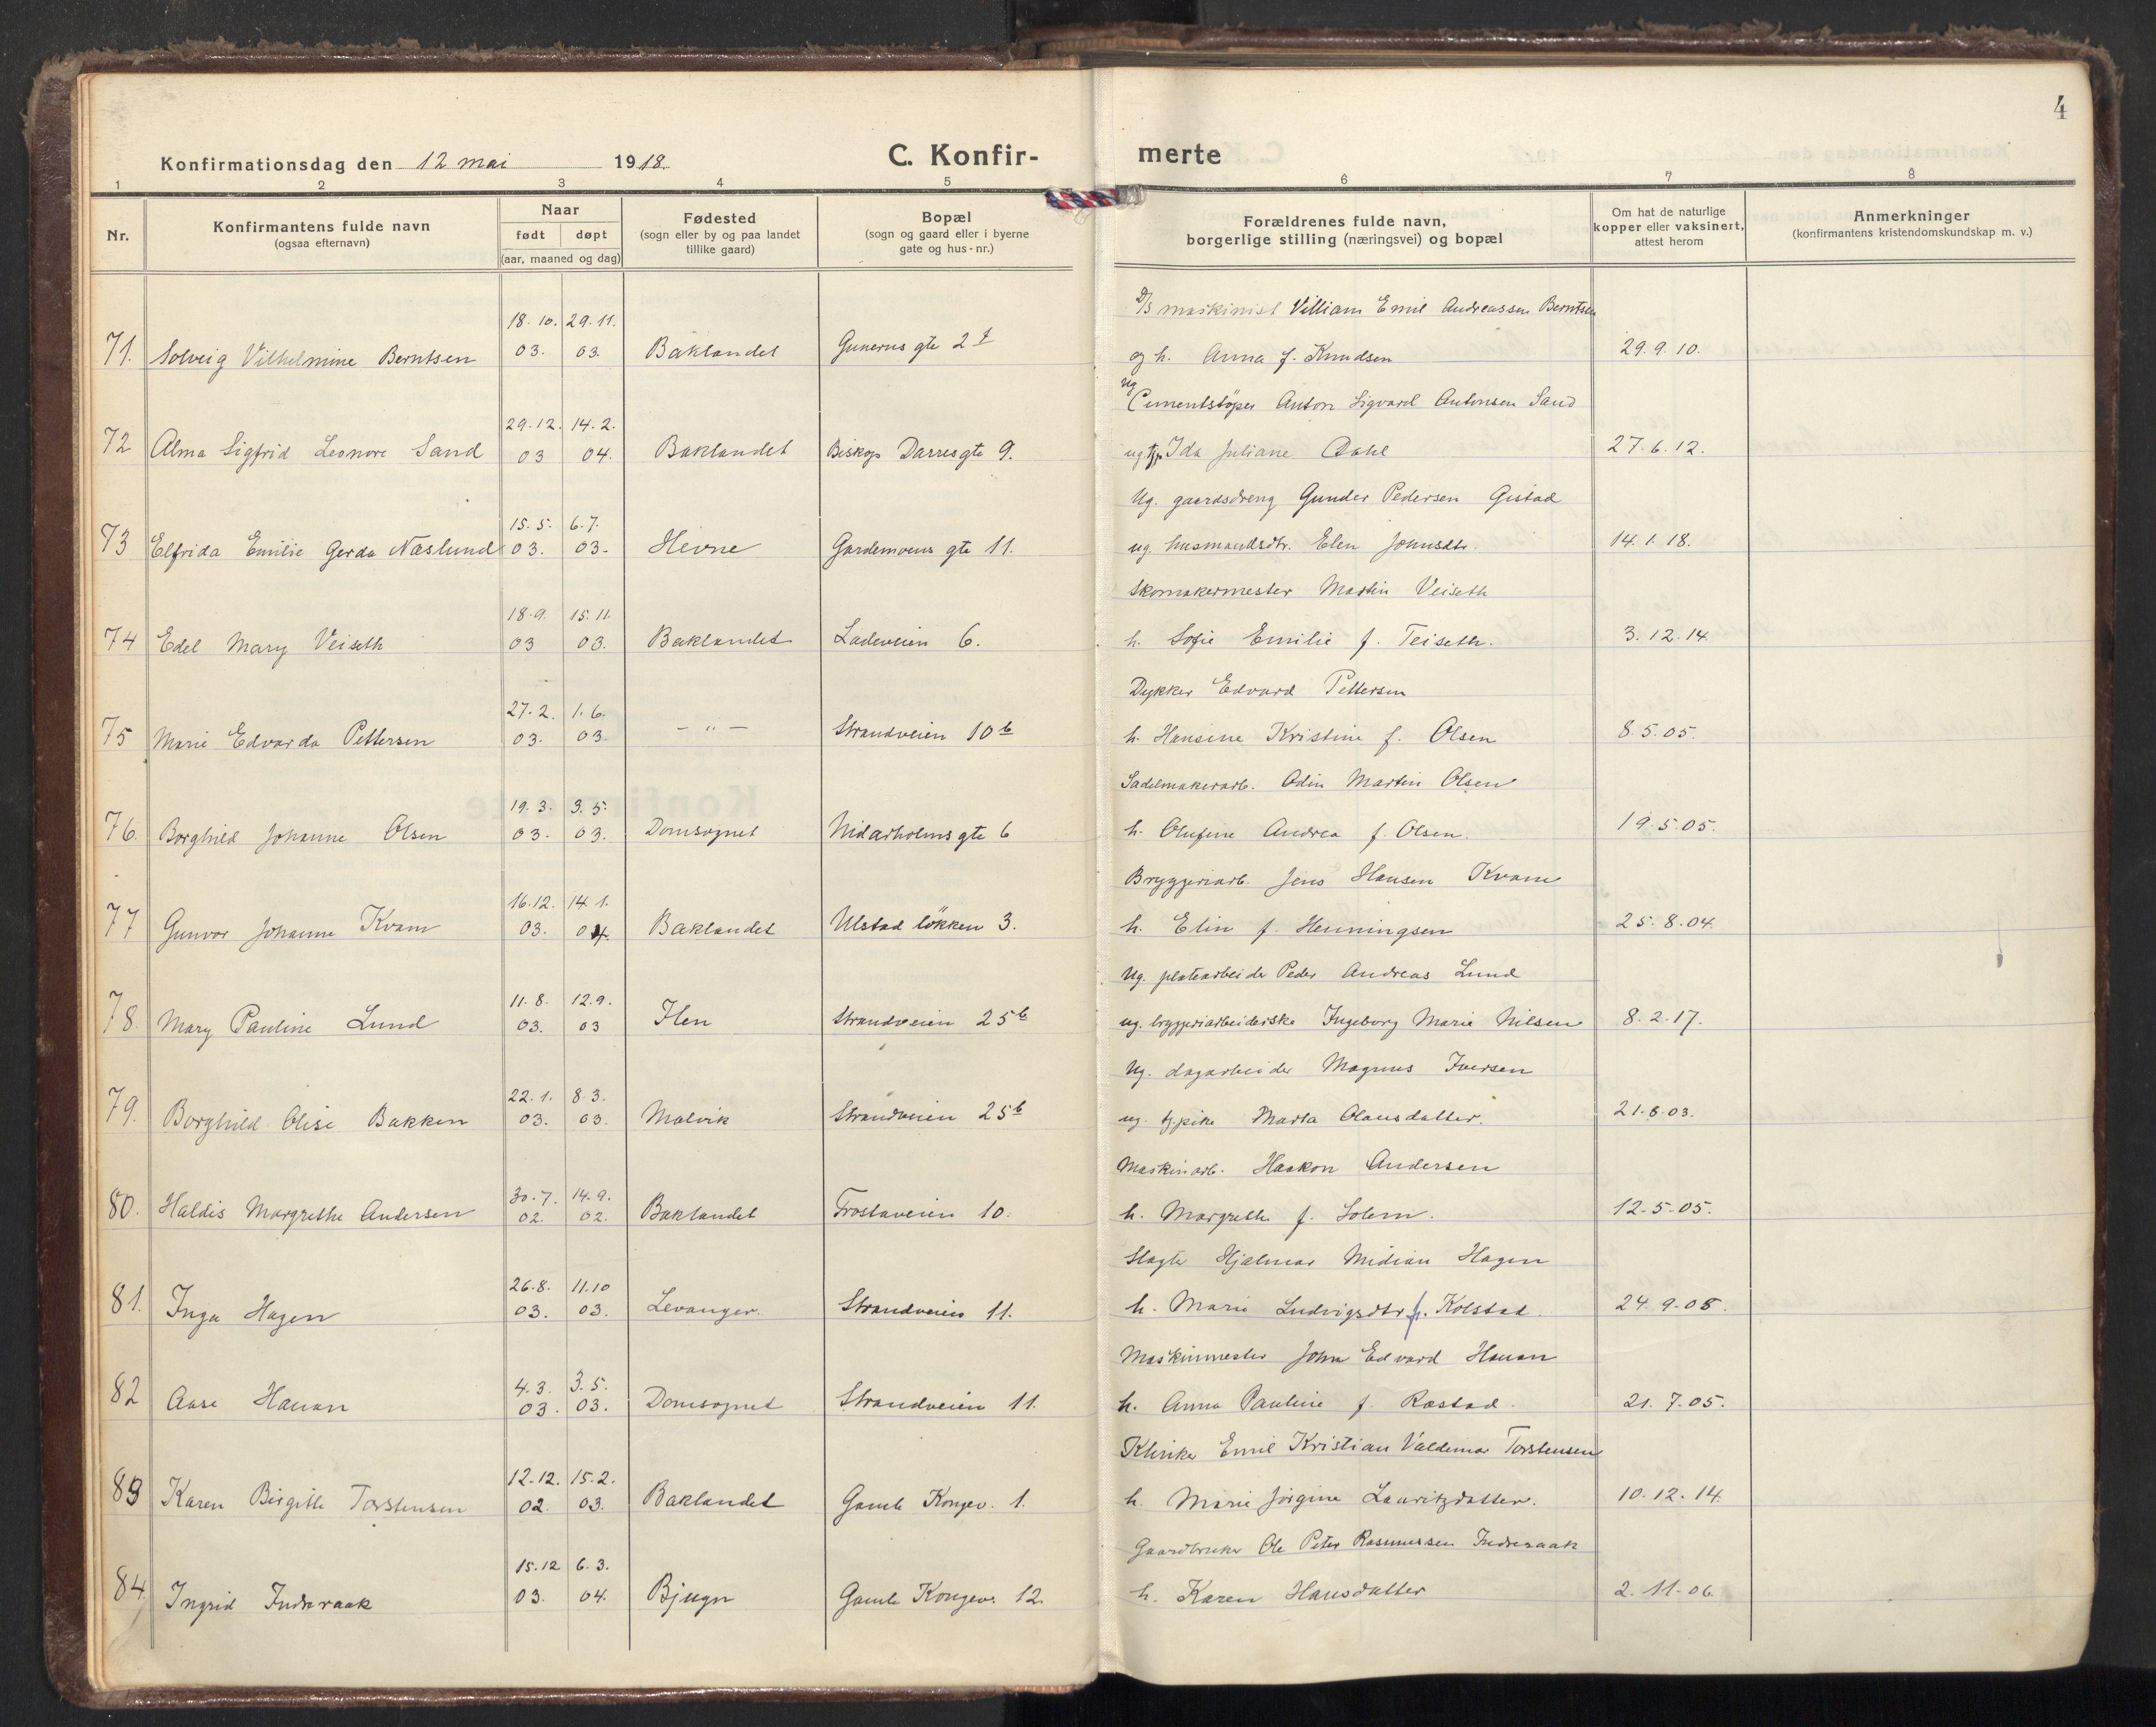 SAT, Ministerialprotokoller, klokkerbøker og fødselsregistre - Sør-Trøndelag, 605/L0247: Ministerialbok nr. 605A09, 1918-1930, s. 4